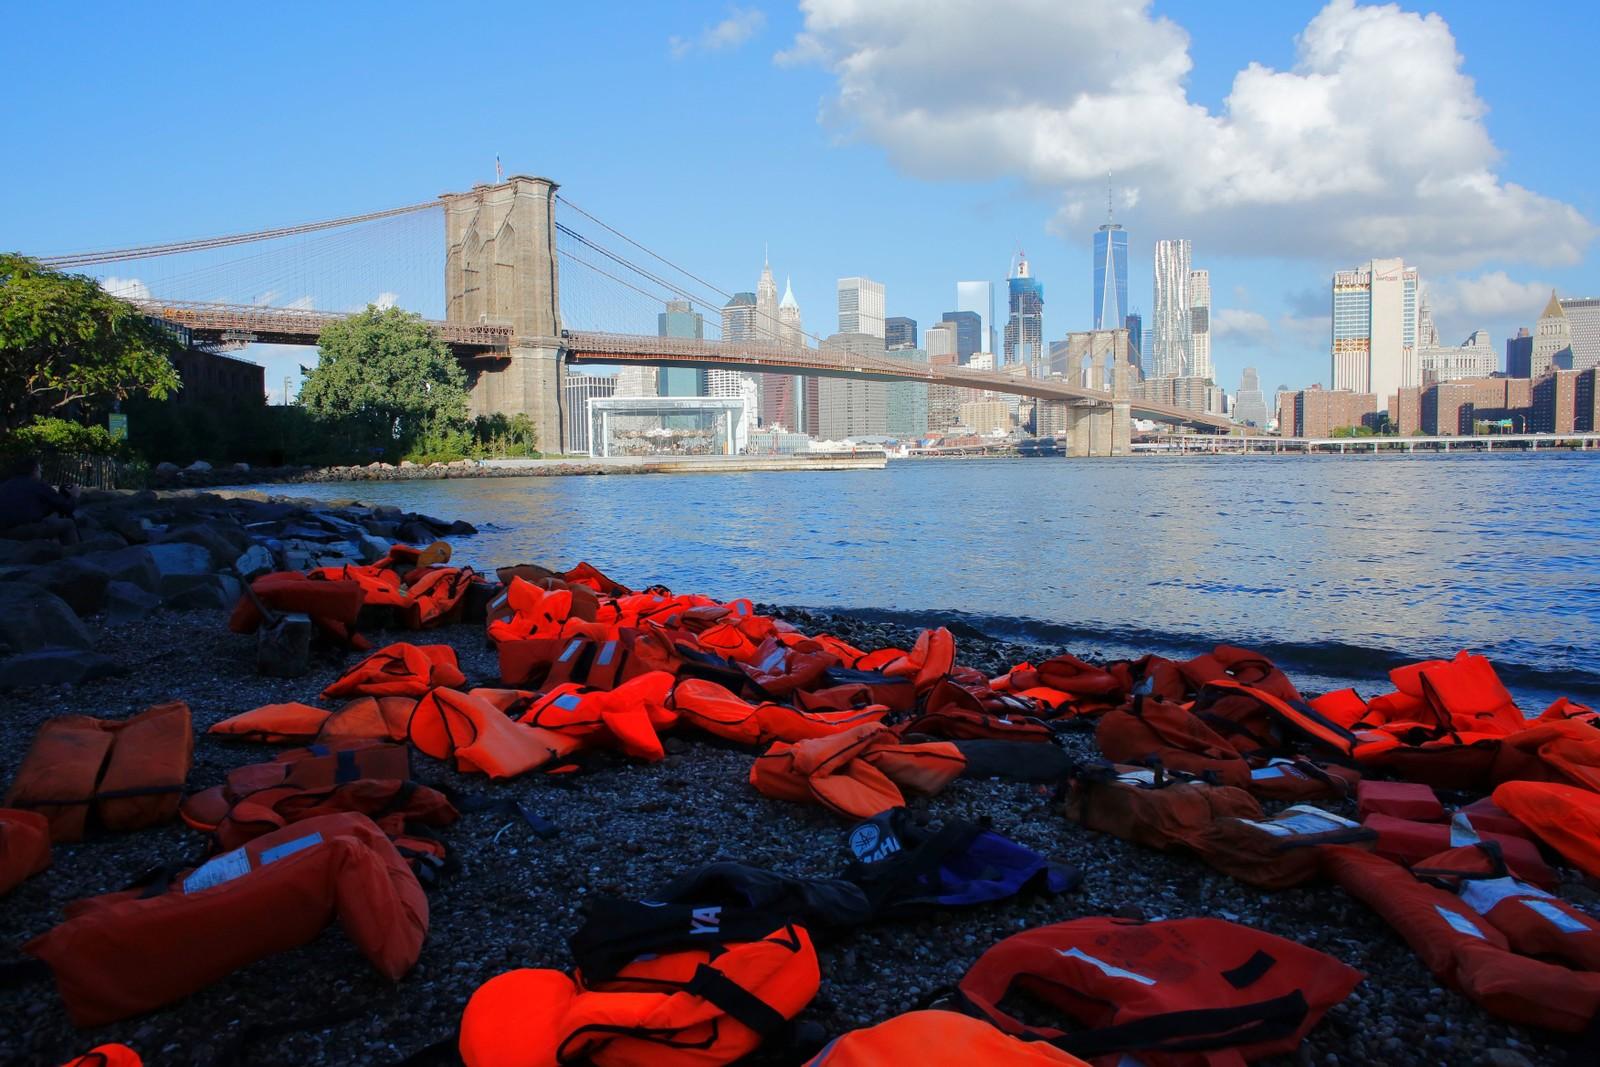 Redningsvester som er samlet sammen fra strendene på øya Chios i Hellas ble lagt utover i Brooklyn Bridge Park i New York i forkant av FN-møtet om flyktninger og migranter 16. september.